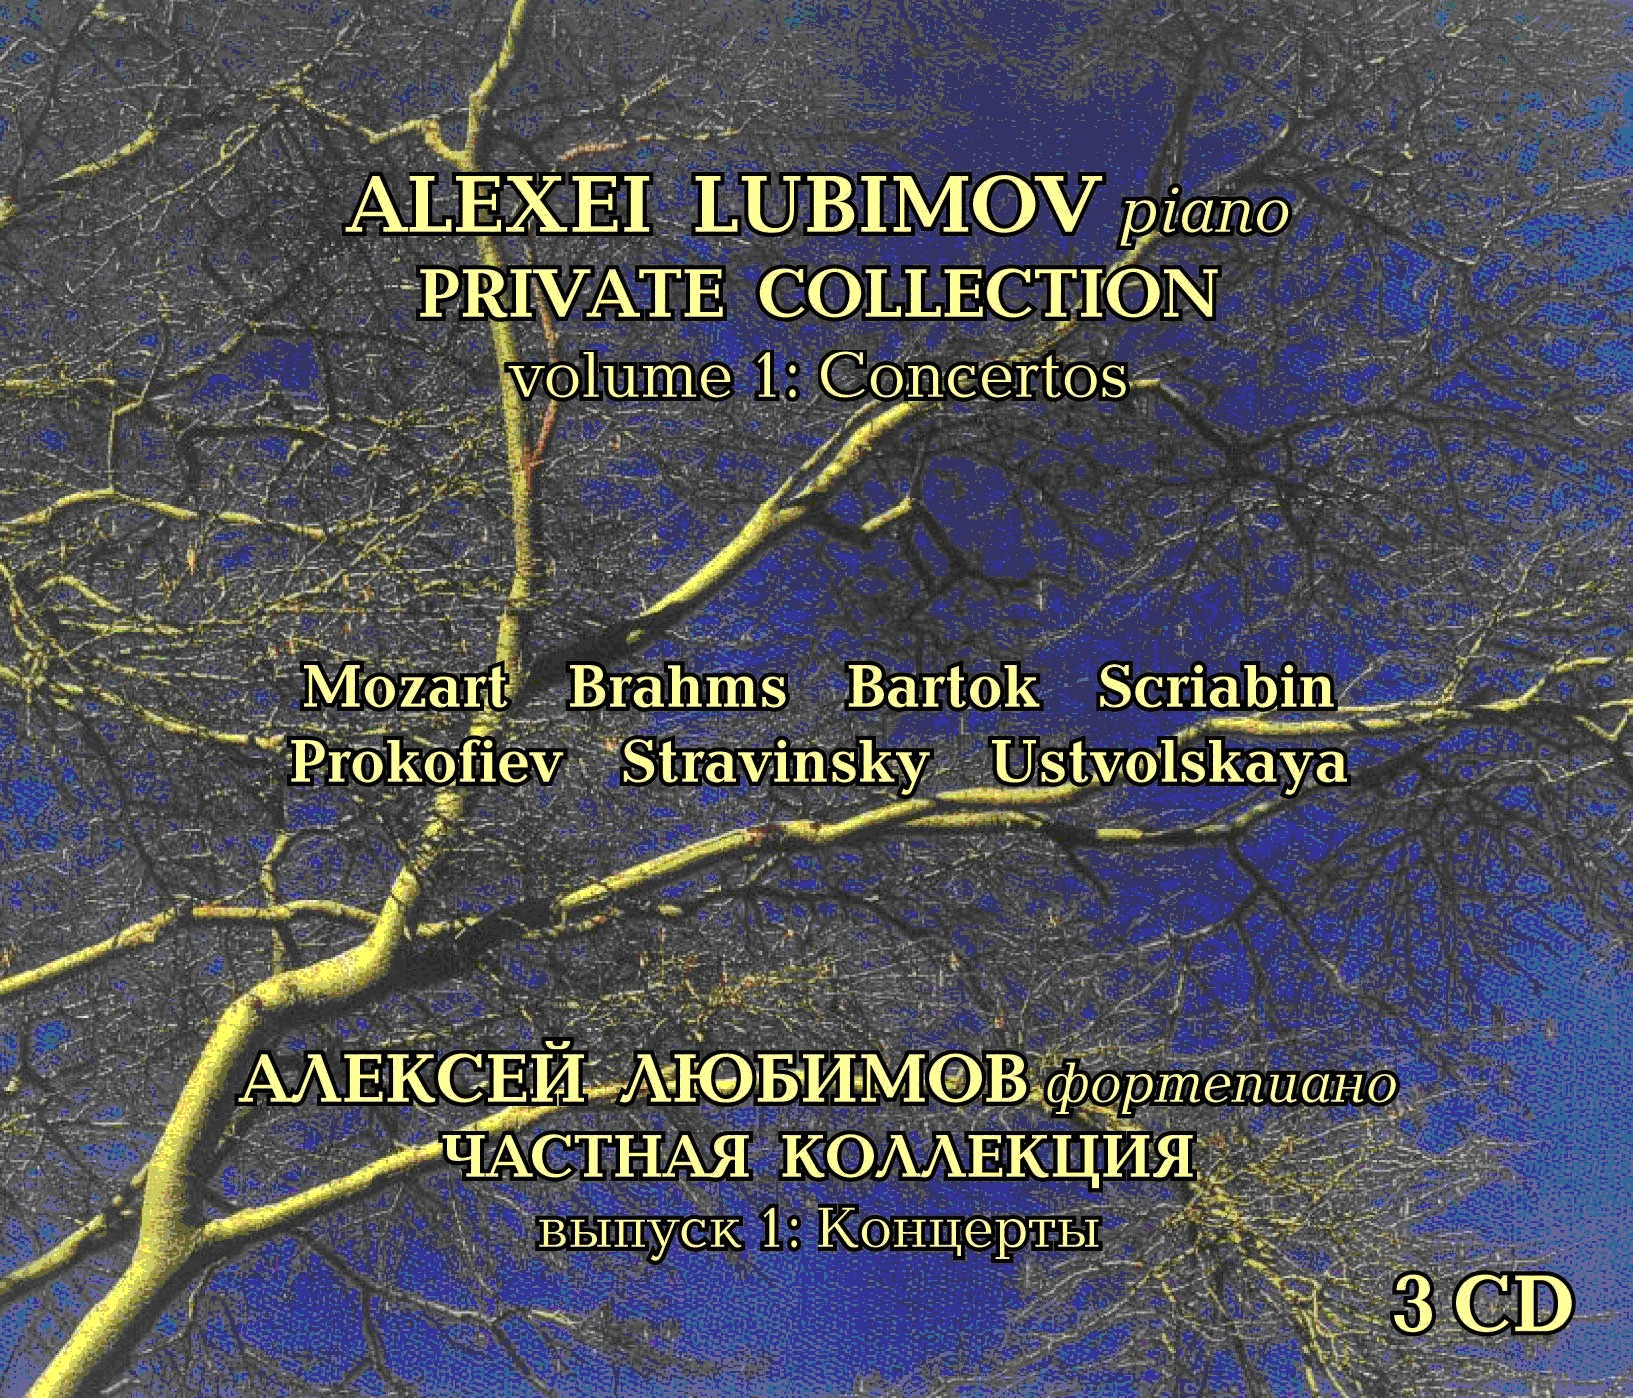 Алексей Любимов, ф-но. Частная коллекция. Выпуск 1 (3 CD)